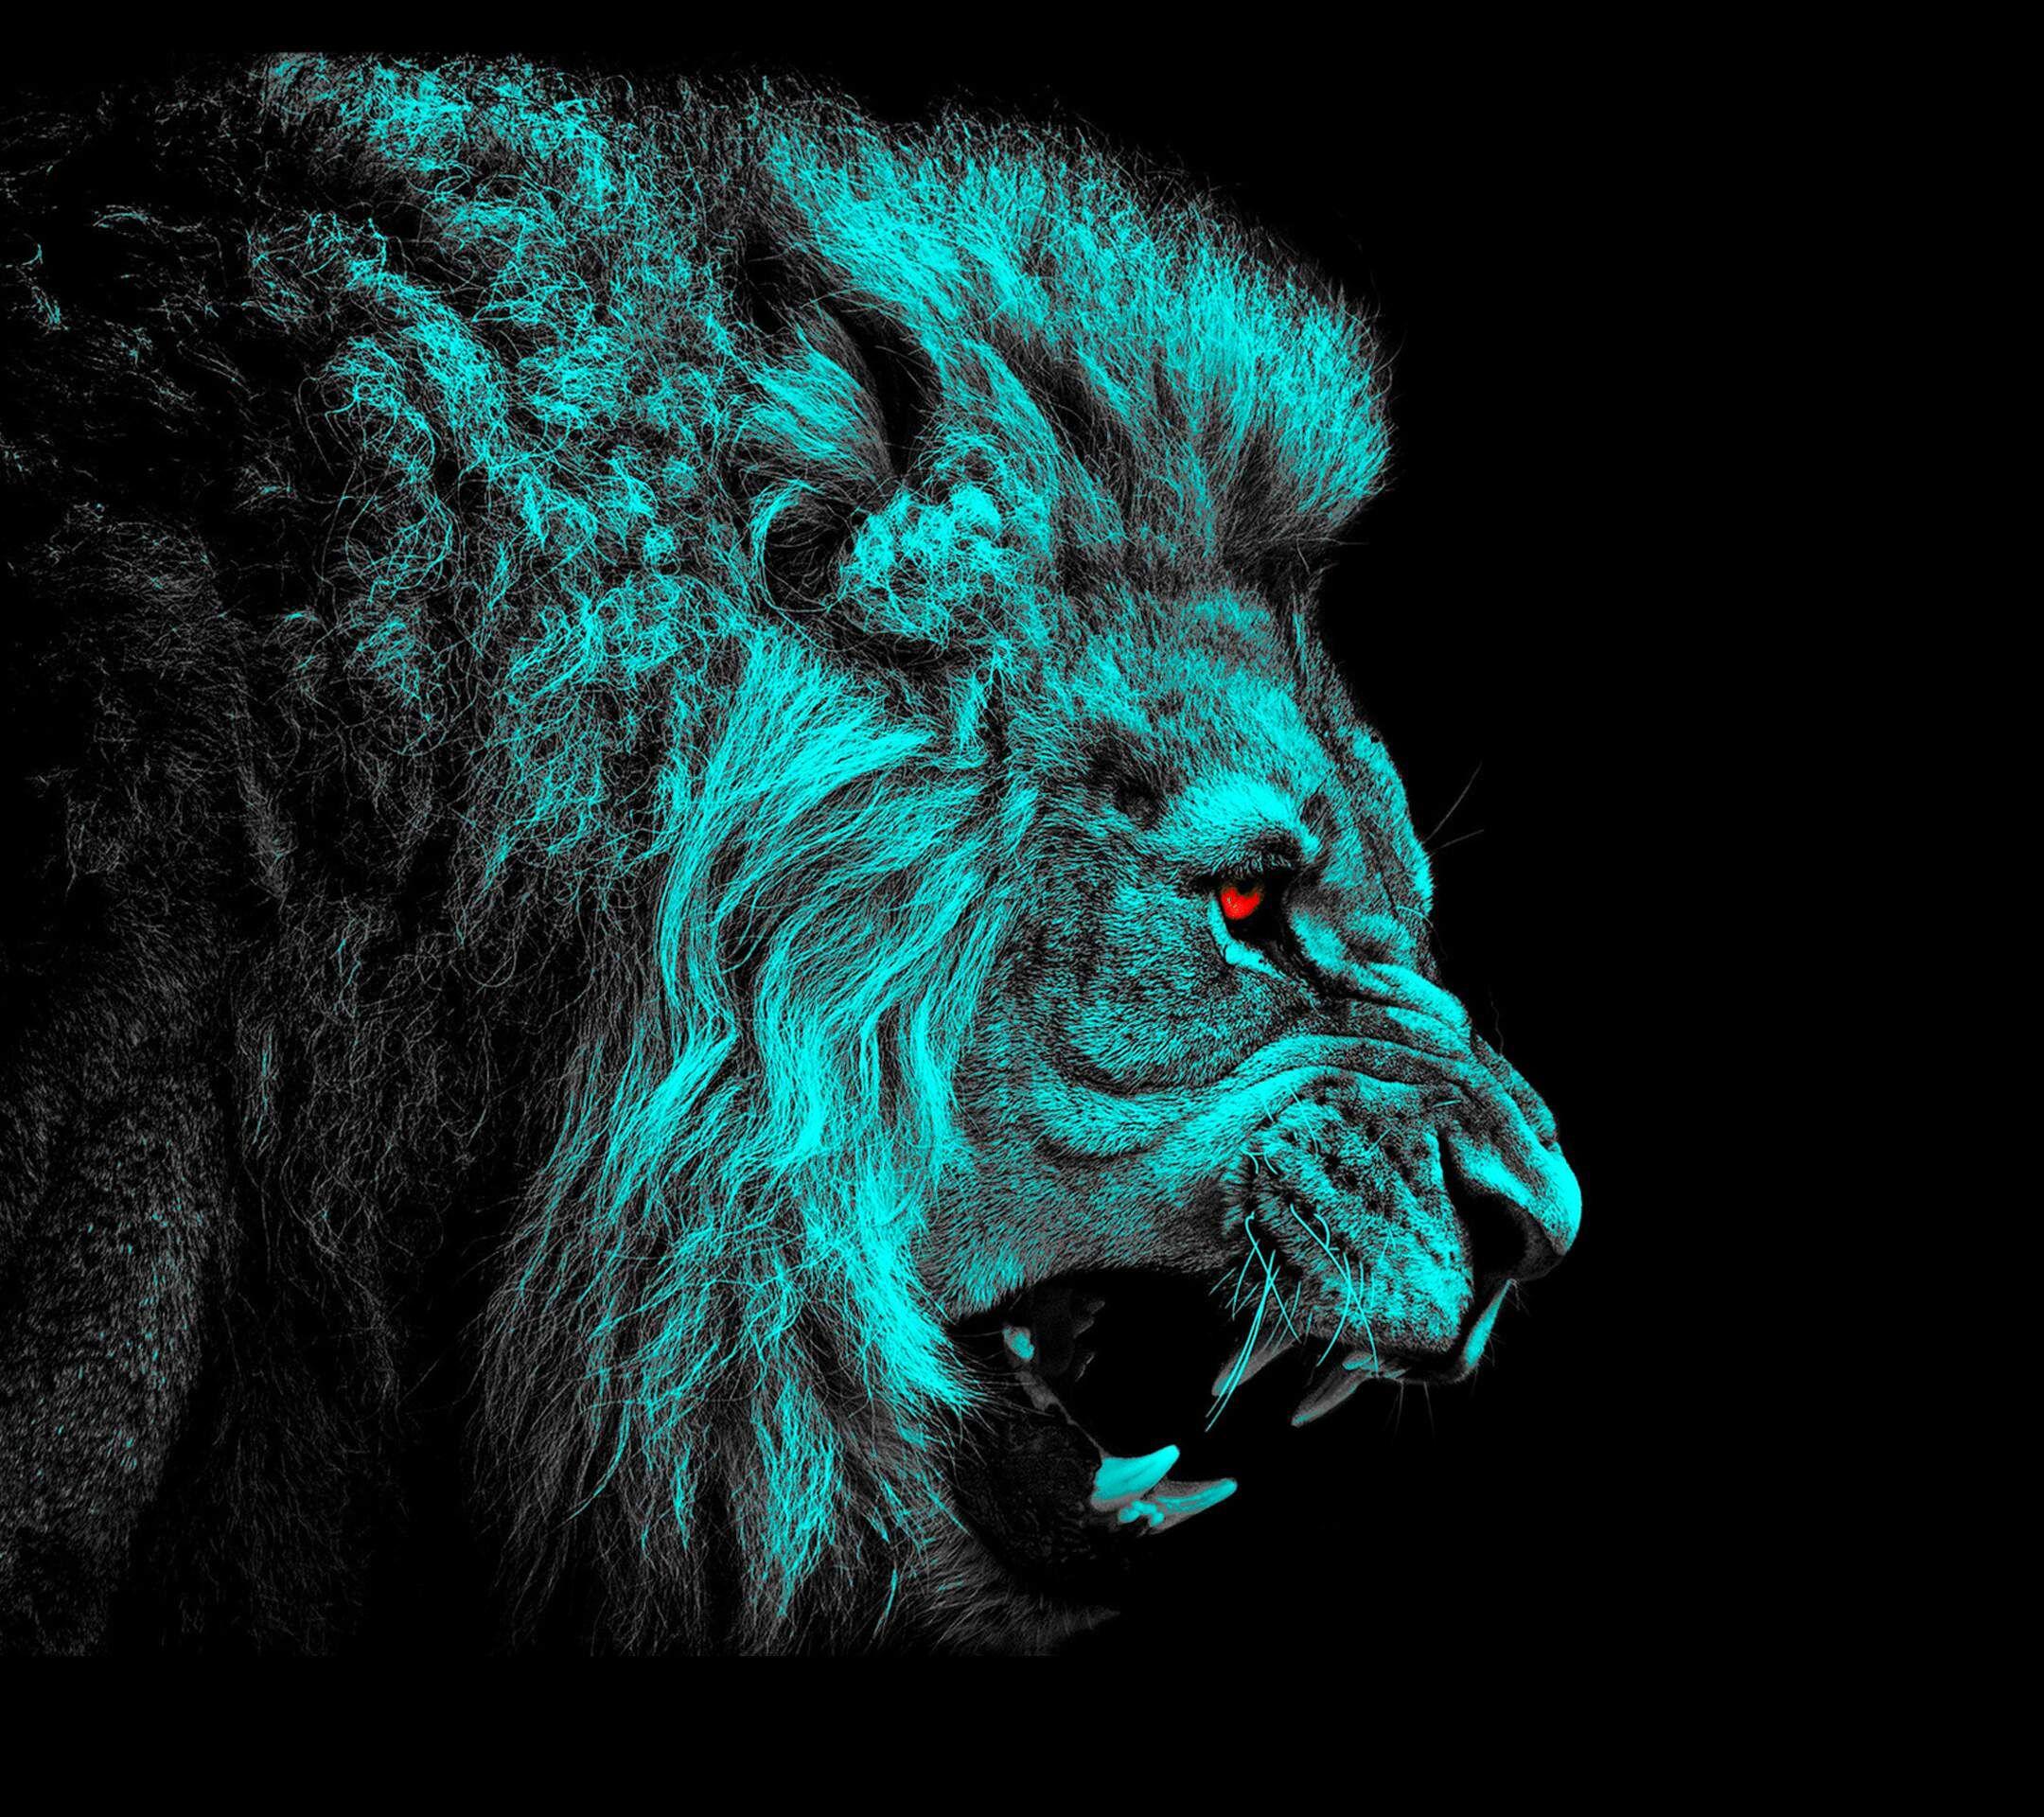 Animaux Lion Fond d'écran | Lion noir et blanc, Fond ecran animaux, Lion rugissant